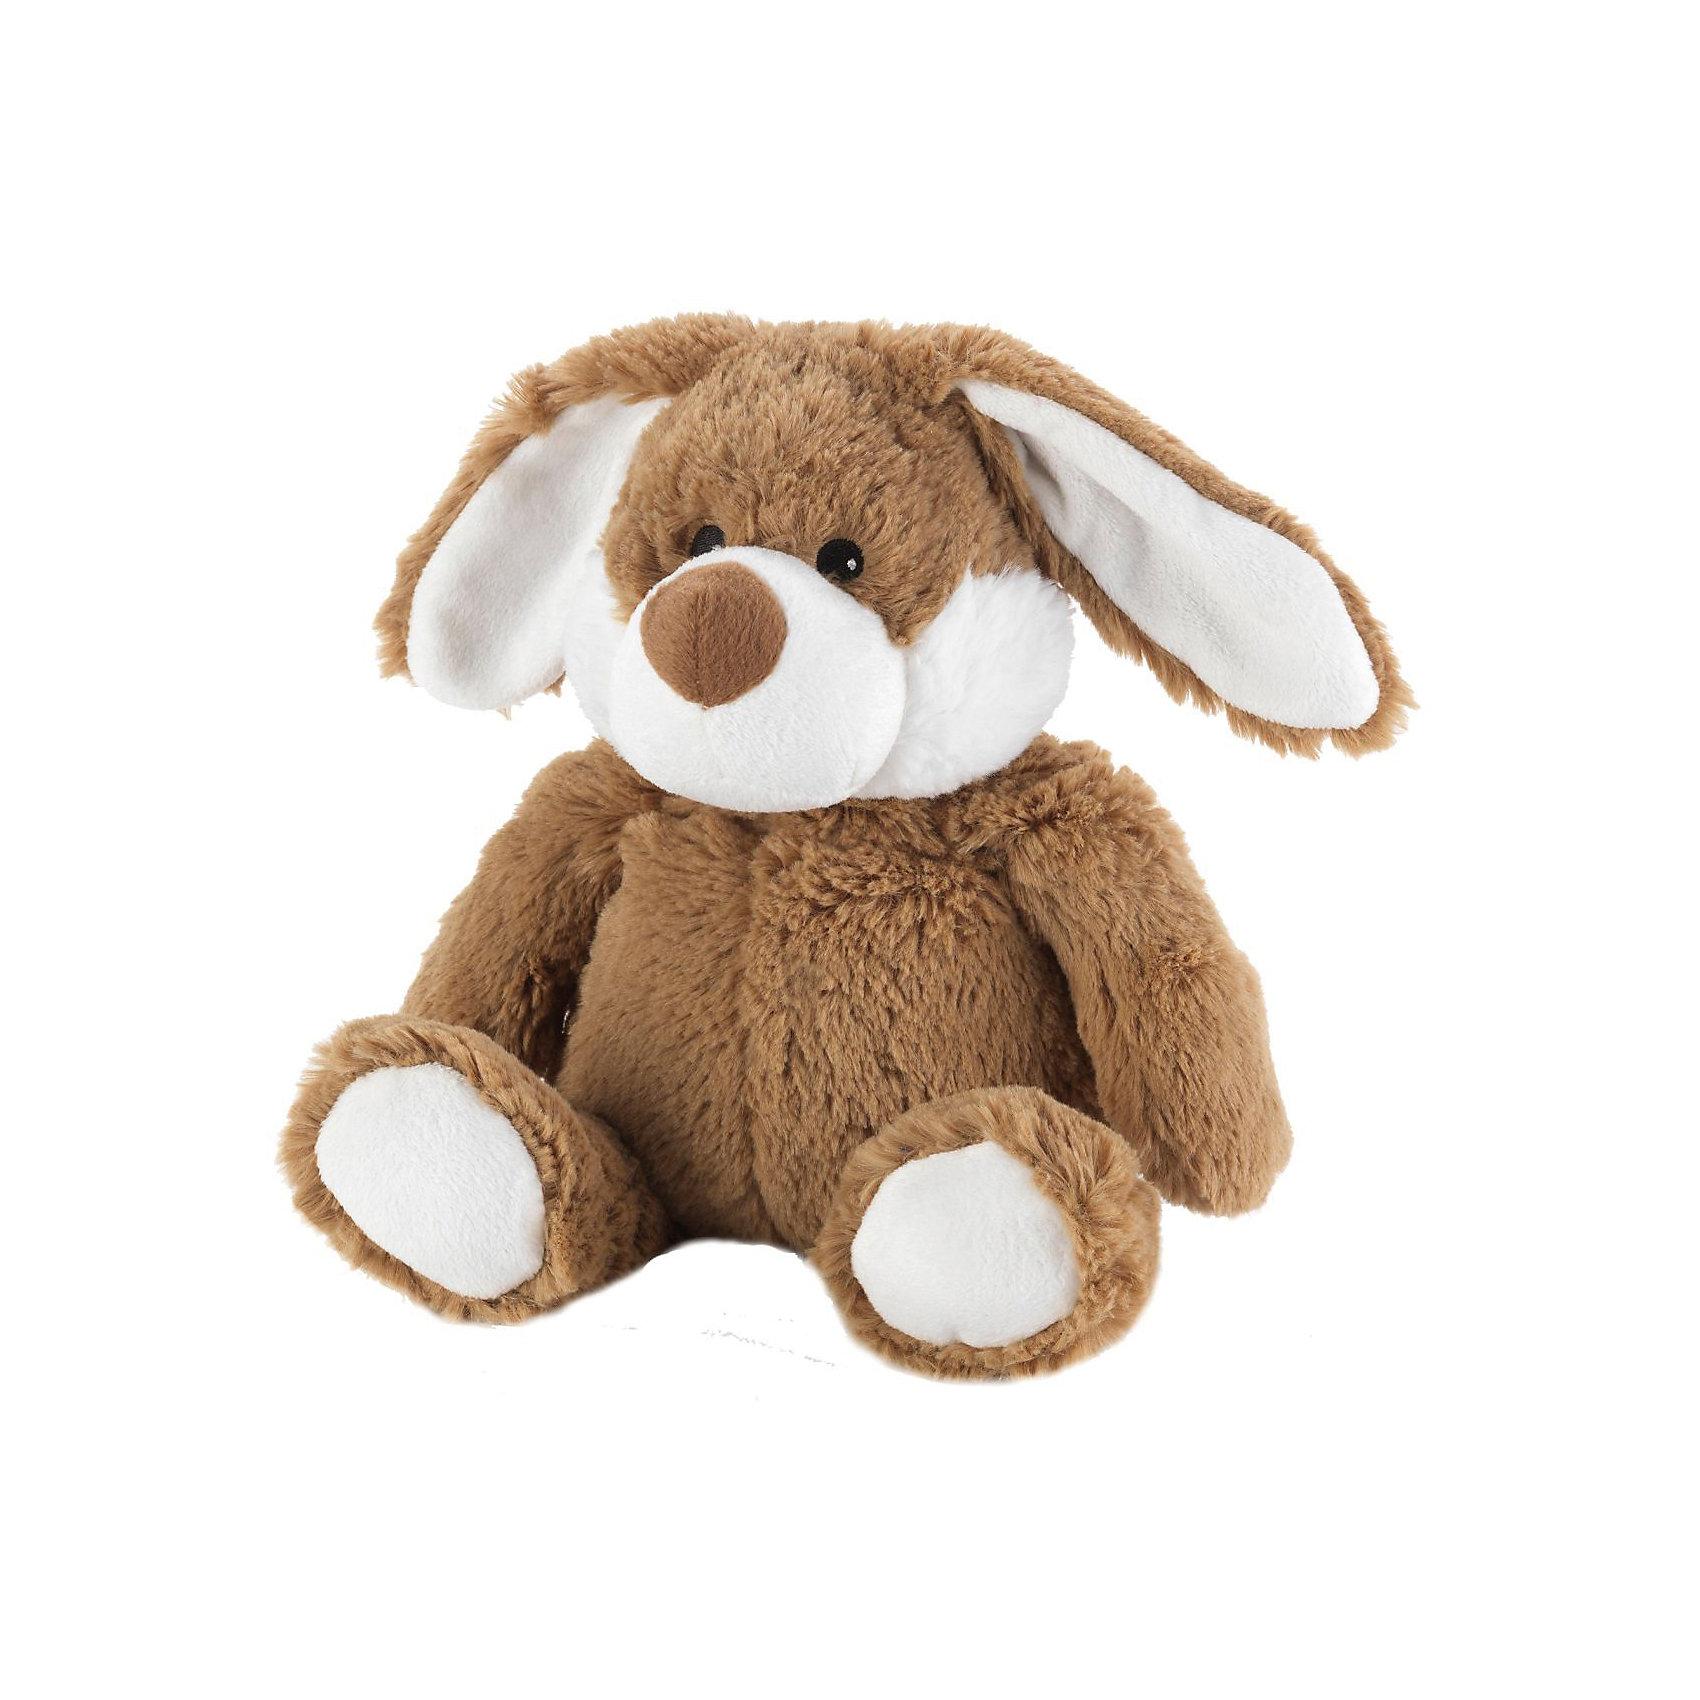 Игрушка-грелка Коричневый Кролик Cozy Plush, WarmiesМягкие игрушки<br>Характеристики товара:<br><br>• возраст: от 3 лет<br>• размер: 25 см.<br>• материал верха: плюш (100% полиэстер)<br>• наполнитель: 6% полифилл, 93% обработанные зерна проса, 1% сушеная лаванда<br>• время нагрева: 2 минуты при мощности микроволновки 600-800 W, 90 секунд при мощности 850-1000 W<br>• уход: не стирать, регулярно протирать влажной губкой<br>• размер упаковки: 30х17х10 см.<br>• вес: 830 гр.<br><br>Игрушечный коричневый кролик приятен на ощупь, у него симпатичная мордочка, длинные ушки и пухленький животик. Кролик подарит малышу успокаивающее тепло. Теплая игрушка пригодится в холодные ночи, когда болит живот или просто, когда хочется прижаться к теплой мягкой любимой игрушке.<br><br>Положите игрушку на 1-2 минуты в микроволновую печь, и она будет согревать малыша на протяжении 3-4 часов. Наполнитель игрушки-грелки: высококачественный полифилл; зерна проса; сушеные цветы лаванды. Зерна проса прошли термическую обработку, поэтому не повреждаются во время нагревания в микроволновой печи. <br><br>Просо удерживает тепло долгое время, а лаванда обладает успокаивающим, расслабляющим эффектом, помогает заснуть. Волшебный аромат лаванды помогает при простудных заболеваниях. Чтобы обновить аромат можно добавить несколько капель масла лаванды. <br><br>Игрушку можно разогревать в микроволновой печи неограниченное число раз. Также ее можно использовать как холодный компресс, на некоторое время, поместив ее в морозильную камеру.<br><br>Игрушка изготовлена из безопасных материалов. Товар сертифицирован.<br><br>Игрушку-грелку Коричневый Кролик Cozy Plush, Warmies (Вармис) можно купить в нашем интернет-магазине.<br><br>Ширина мм: 300<br>Глубина мм: 170<br>Высота мм: 100<br>Вес г: 830<br>Возраст от месяцев: -2147483648<br>Возраст до месяцев: 2147483647<br>Пол: Унисекс<br>Возраст: Детский<br>SKU: 6865907